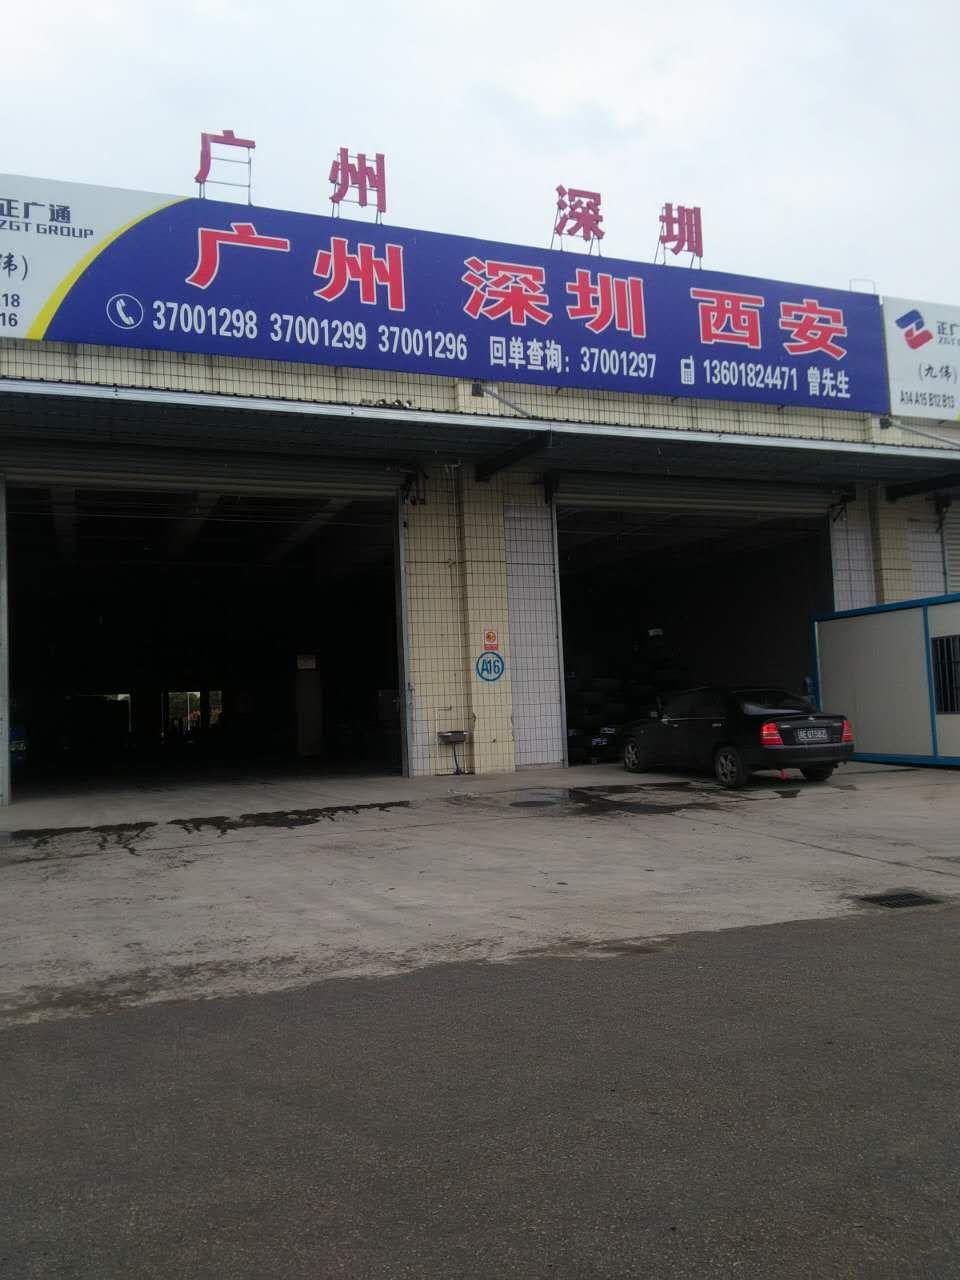 上海到凉山物流专线(上海正广通供应链管理有限公司)